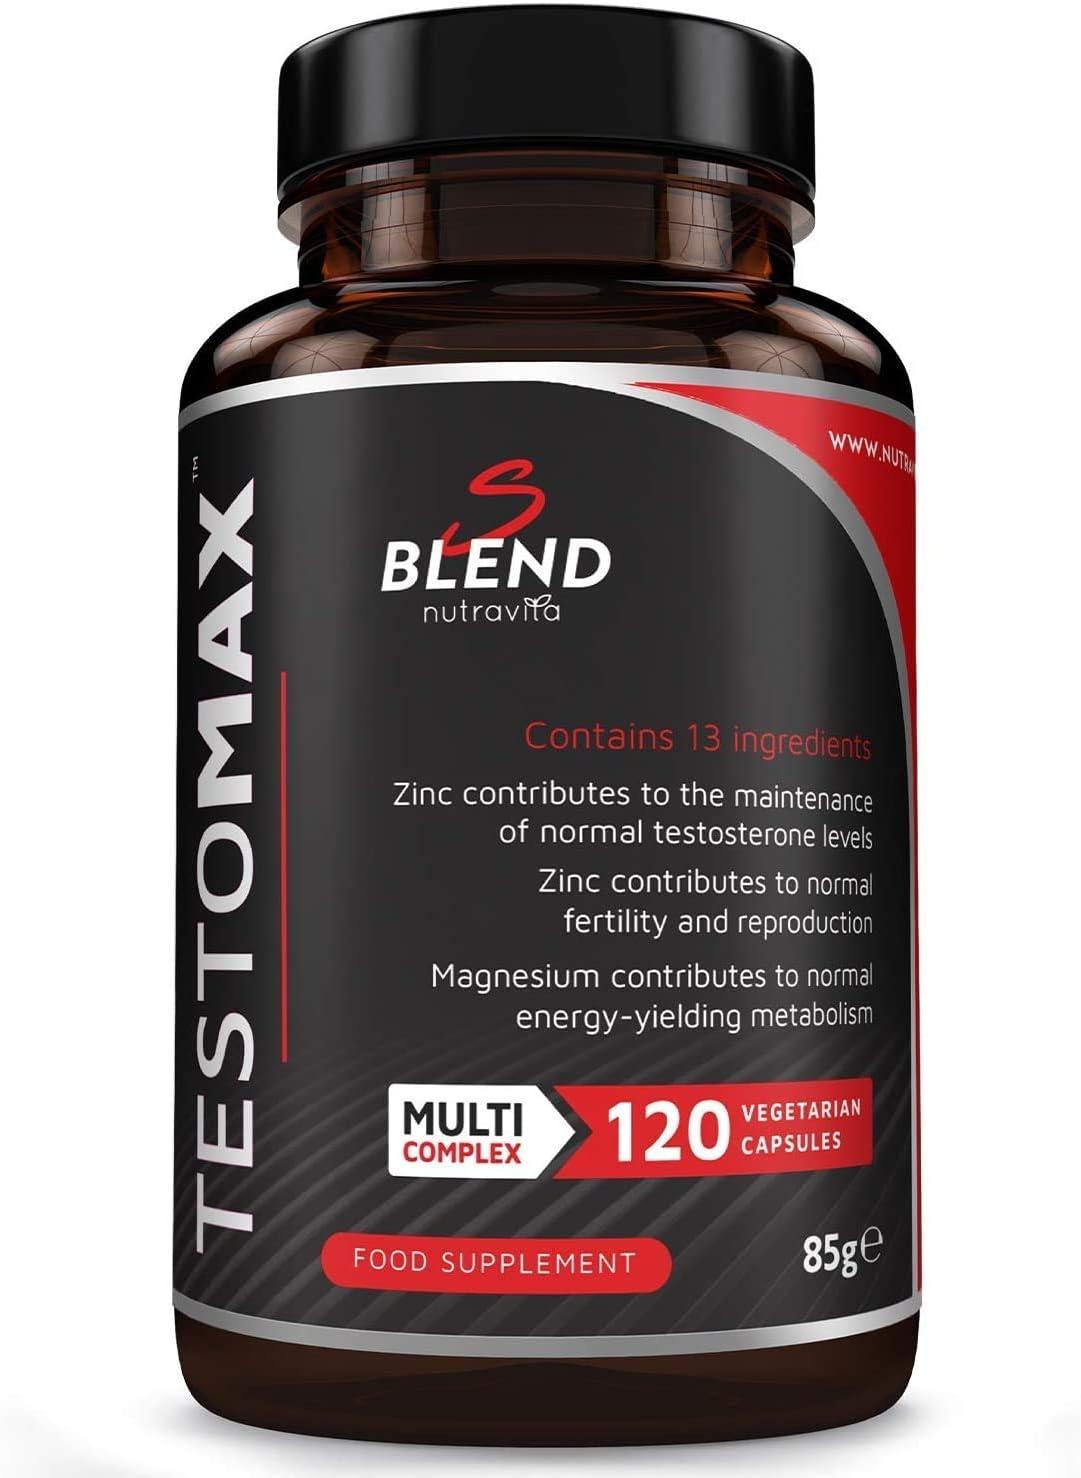 TESTOMAX Potenciador De Testosterona Para Hombres - 13 Potentes Ingredientes Activos Y Vitaminas Que Incluyen Zinc, Extracto De Raíz De Maca, Fenogreco, Ginseng - Fabricado Por Nutravita